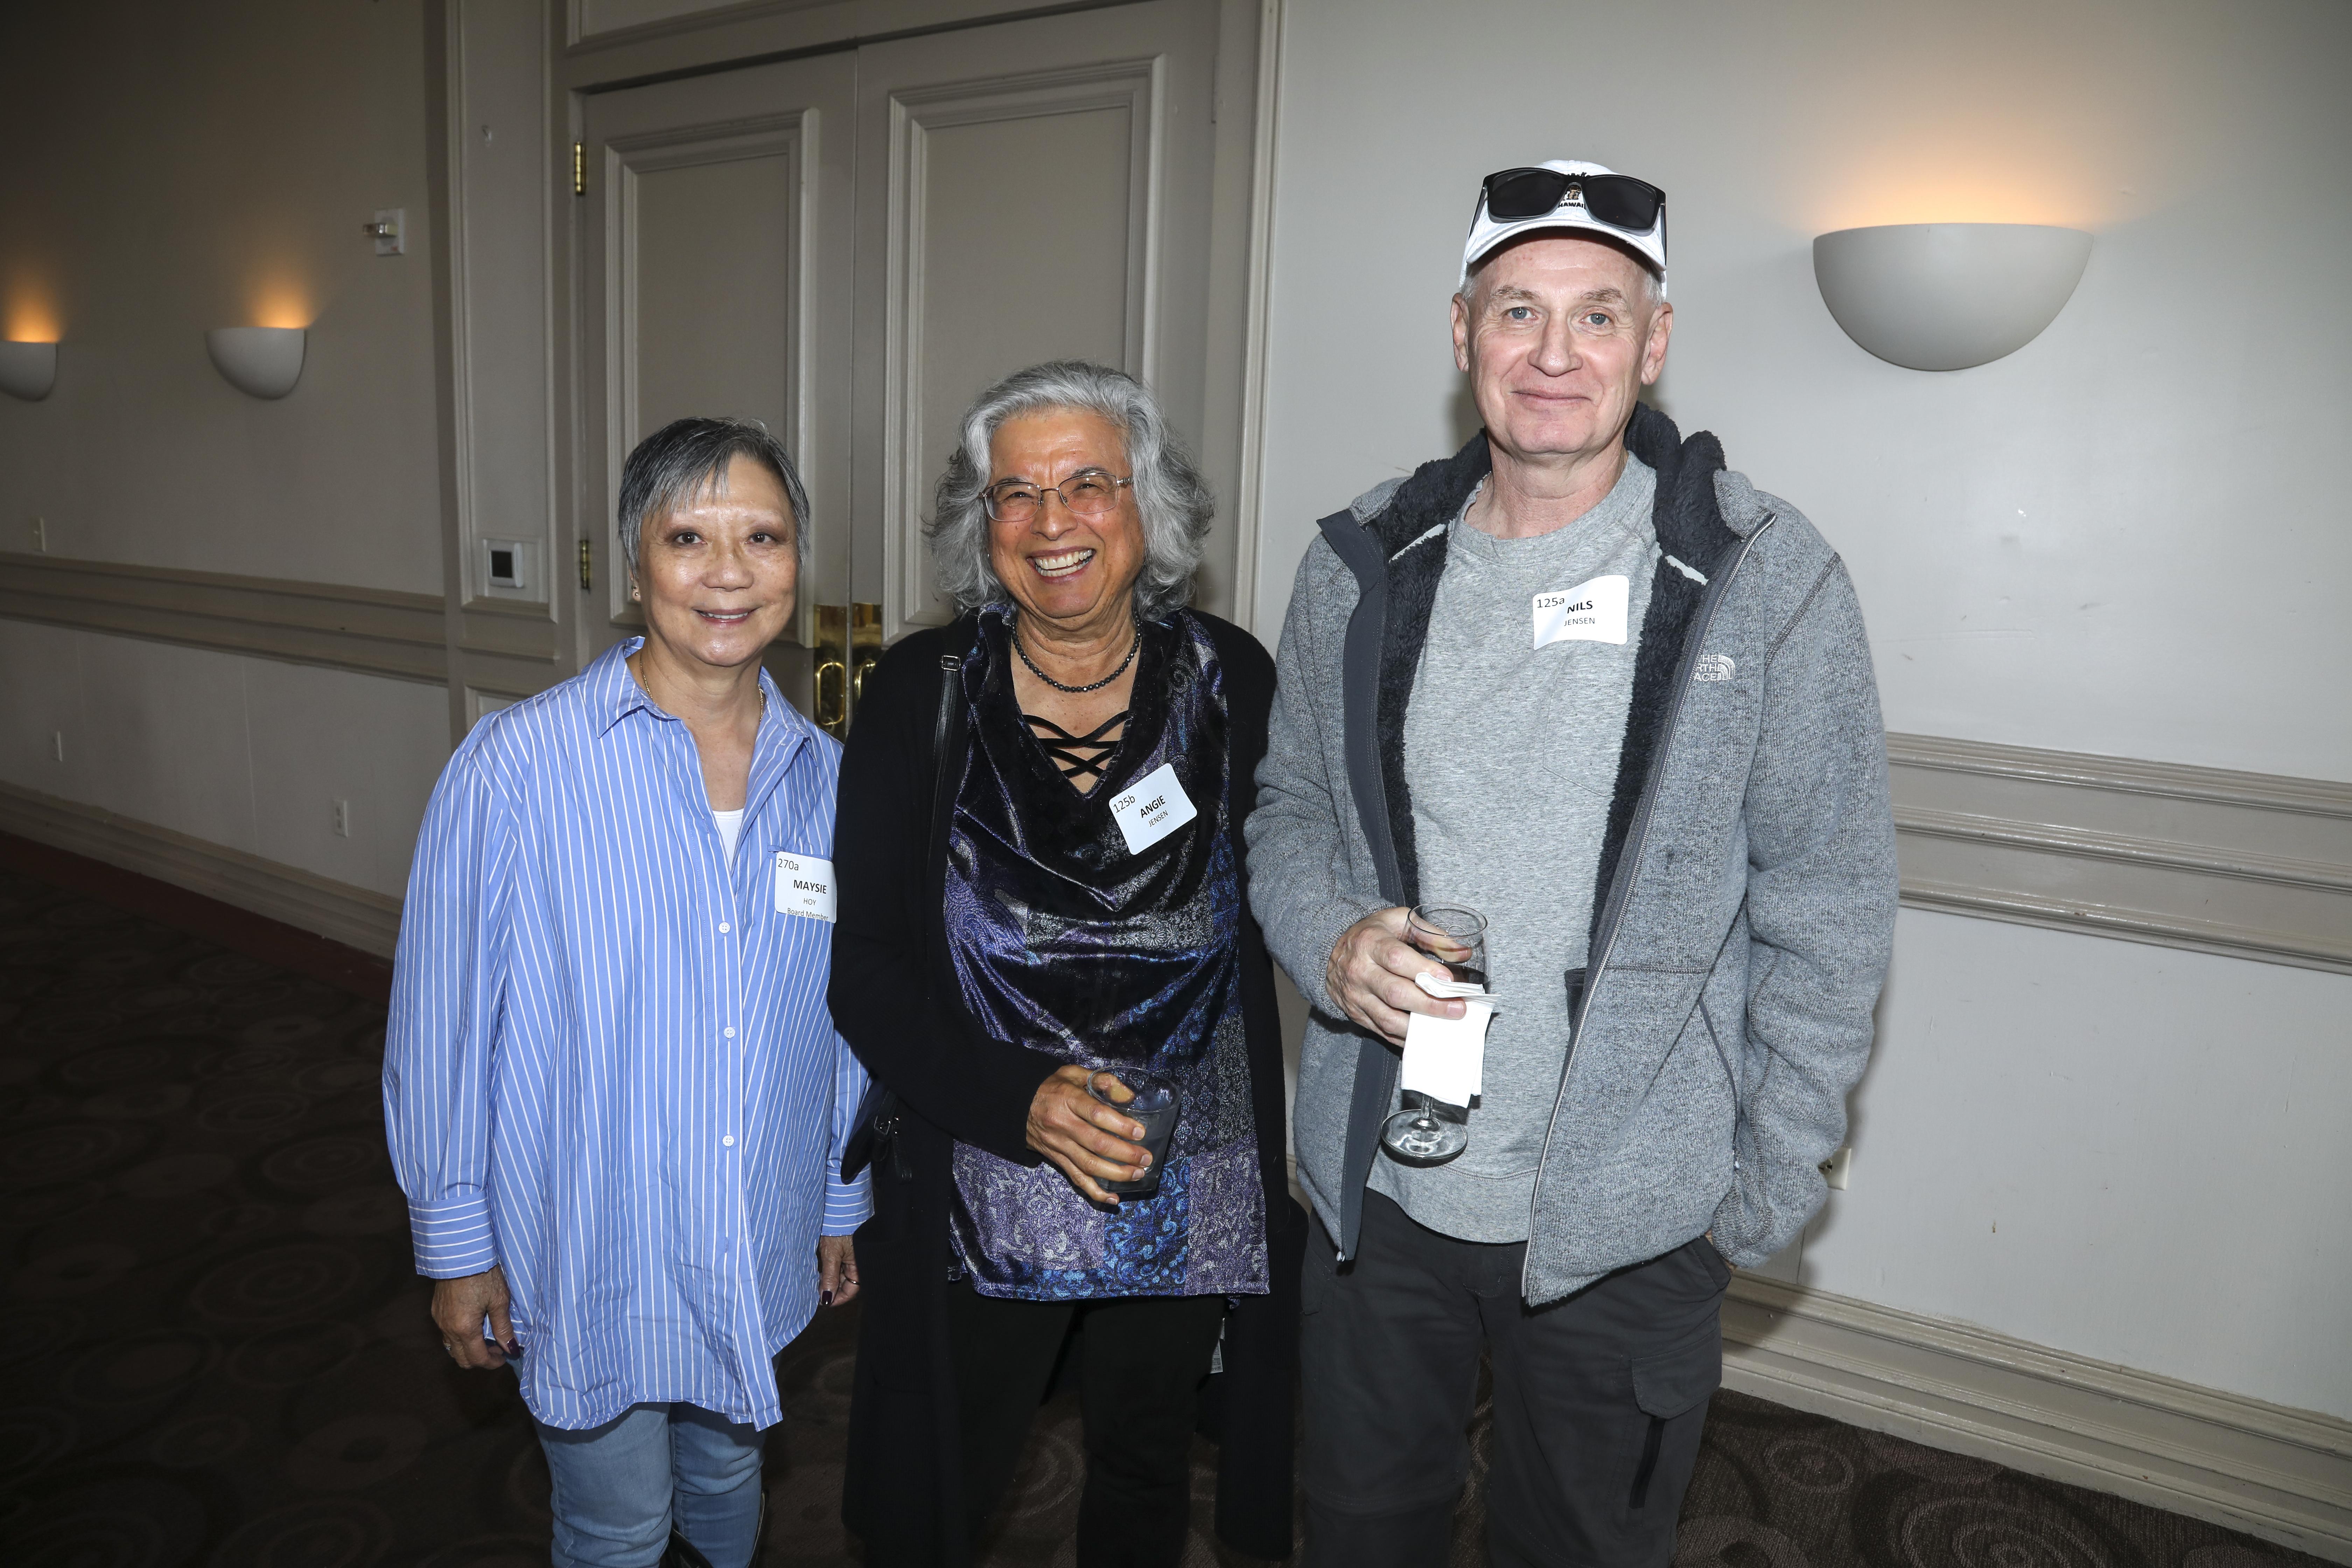 Maysie Hoy, Angie Jensen, Nils Jensen